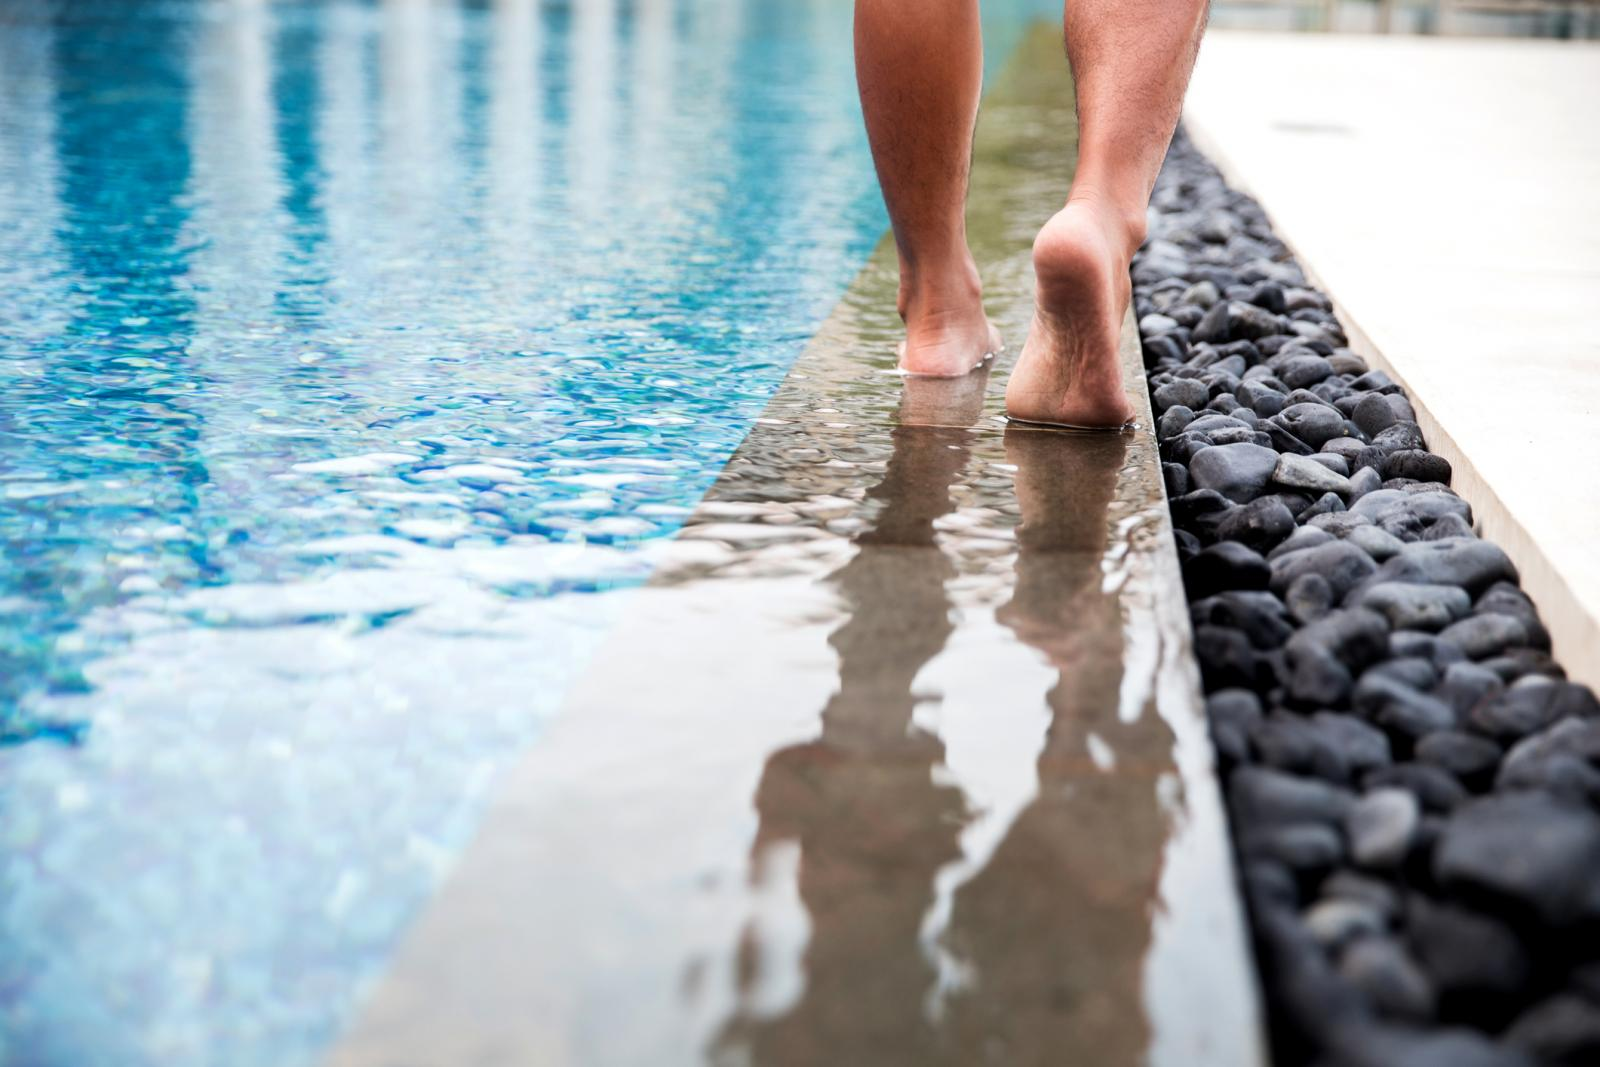 Možda vam to baš i nije običaj, ali na bazenima ne biste trebali hodati bosi.